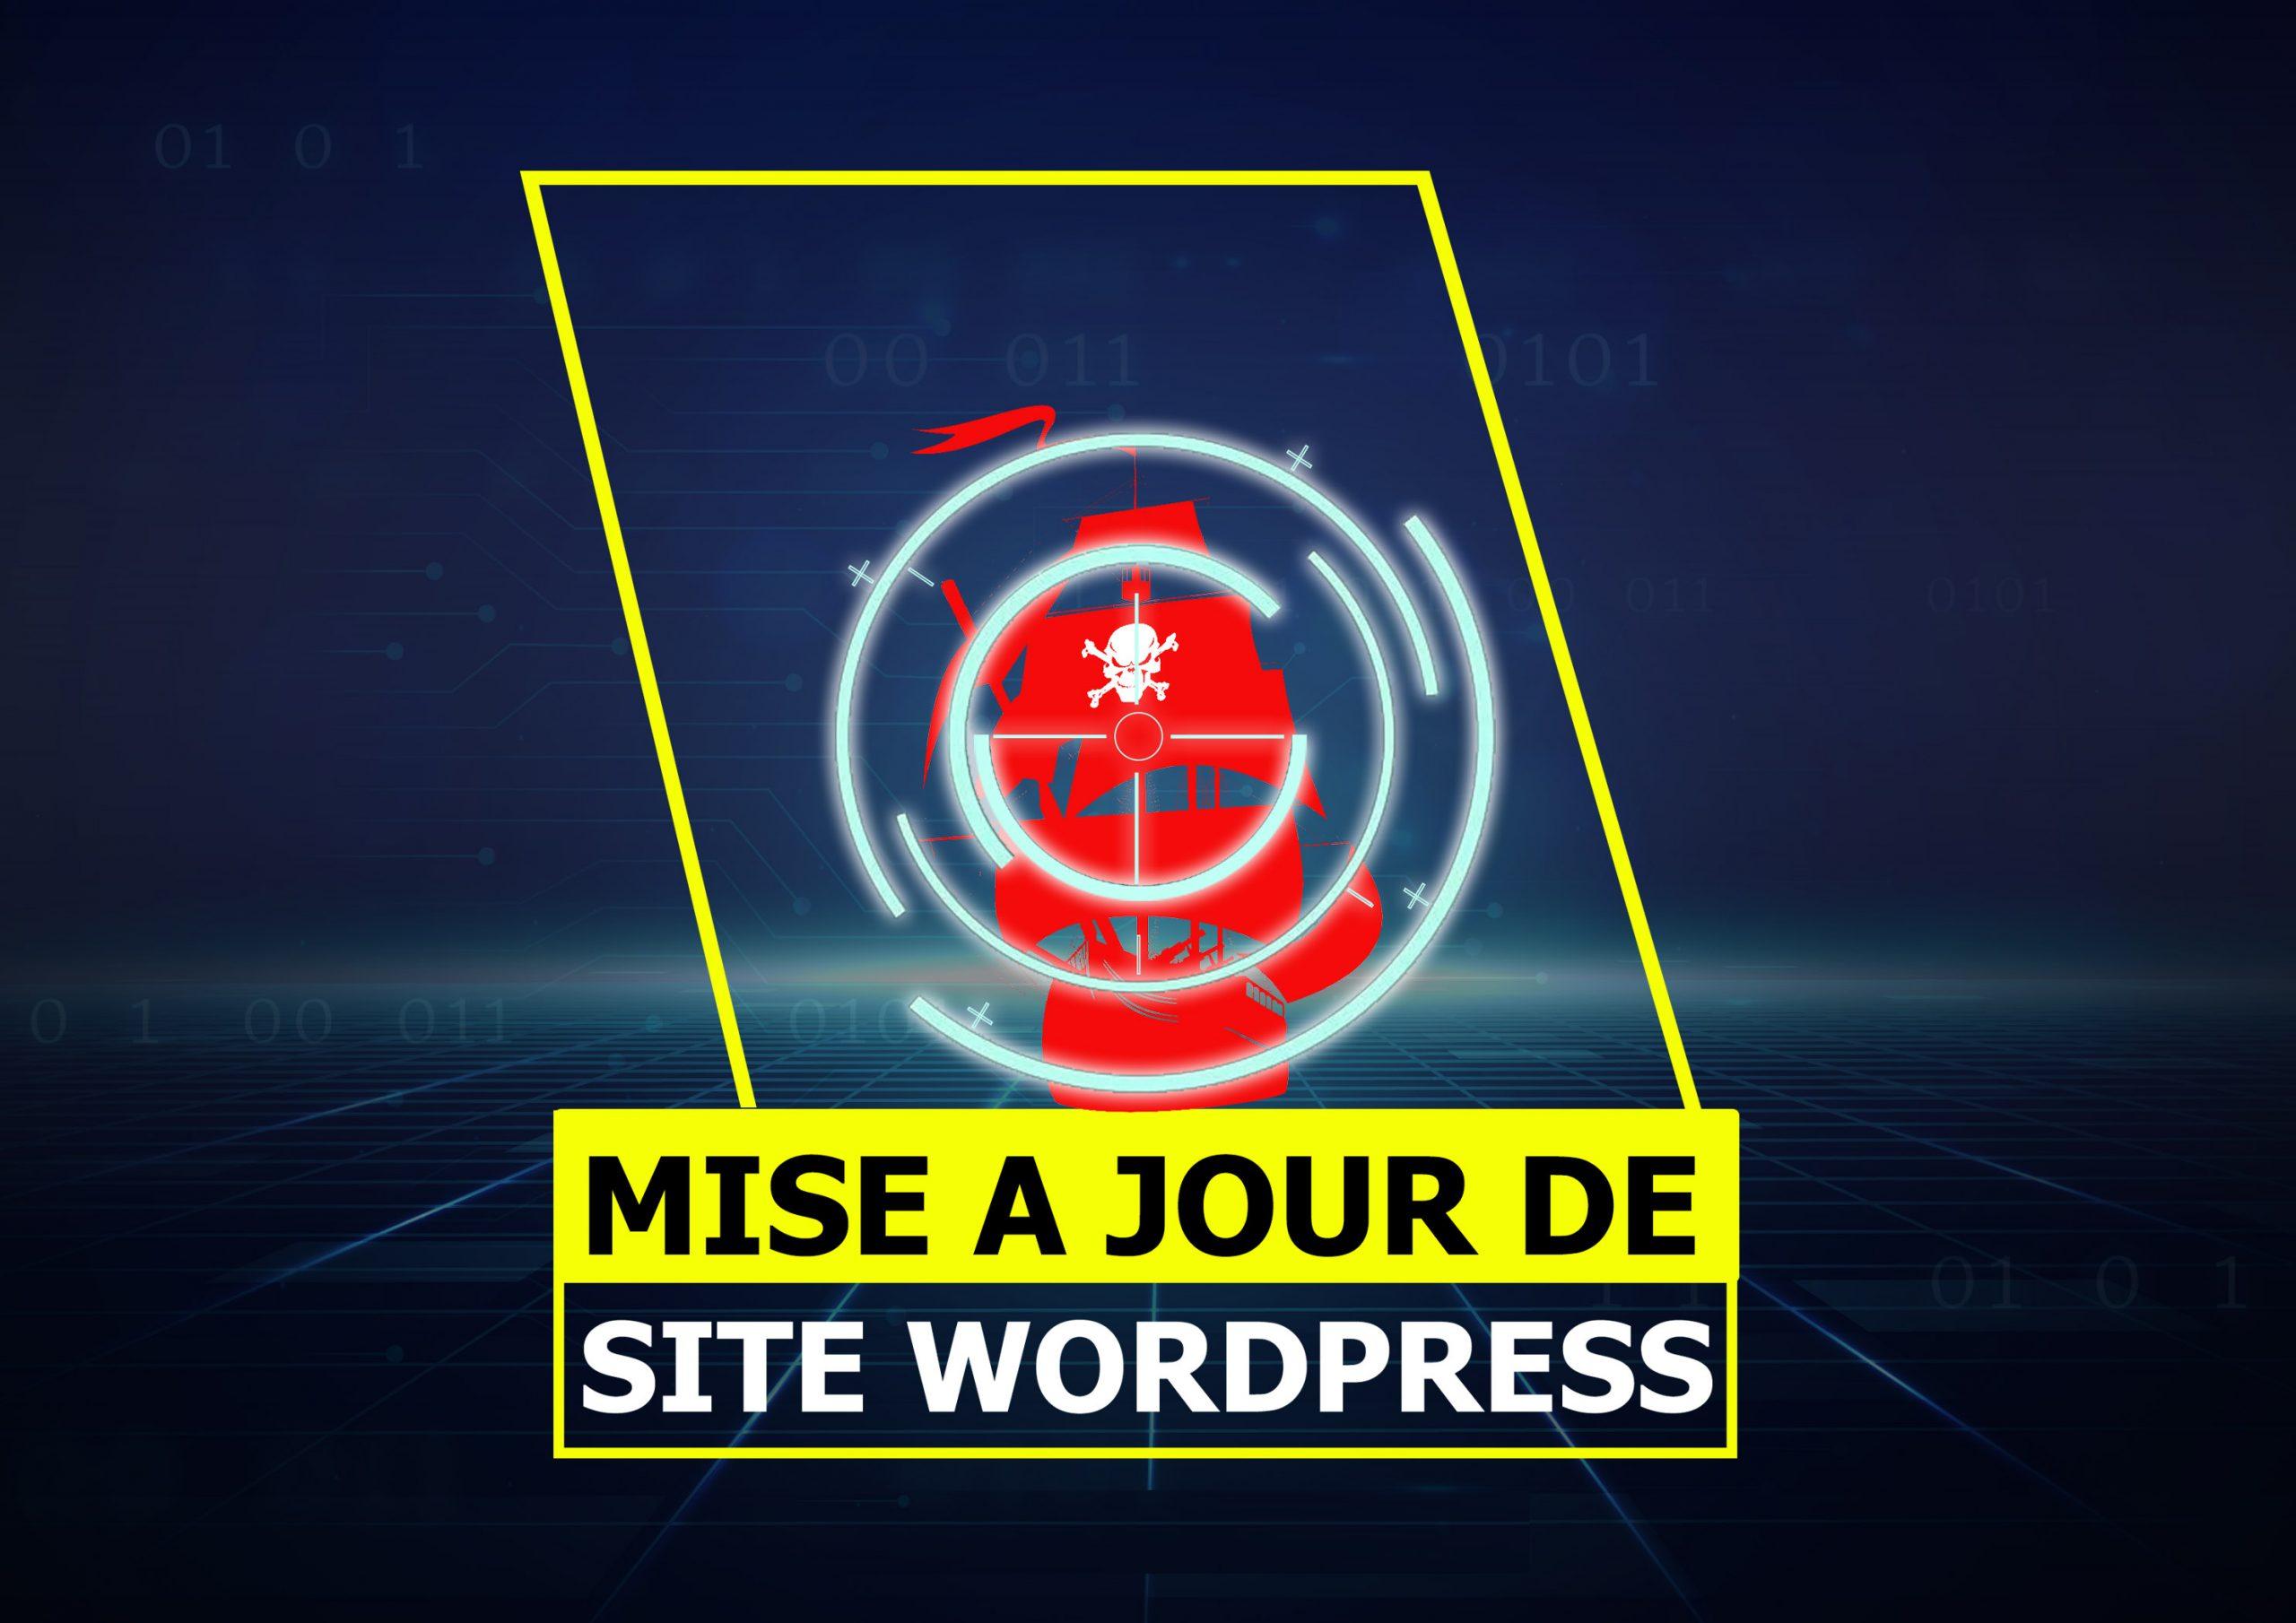 Je mets à jour votre site WordPress afin d'entretenir ses performances et sa sécurité